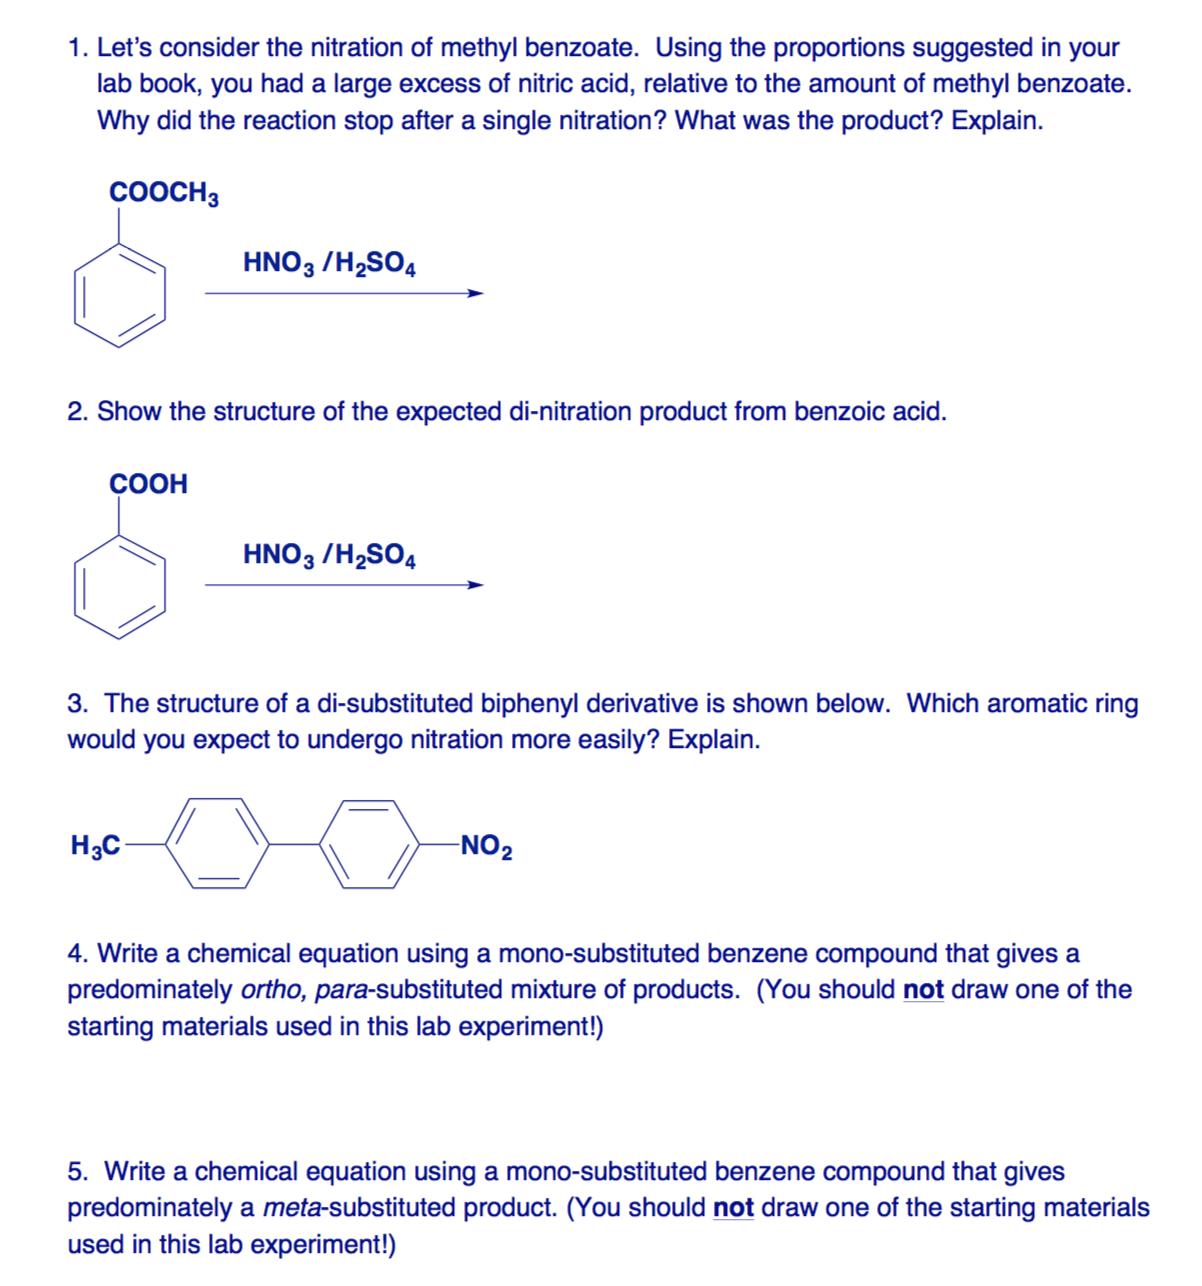 Nitration of methyl i benzonate